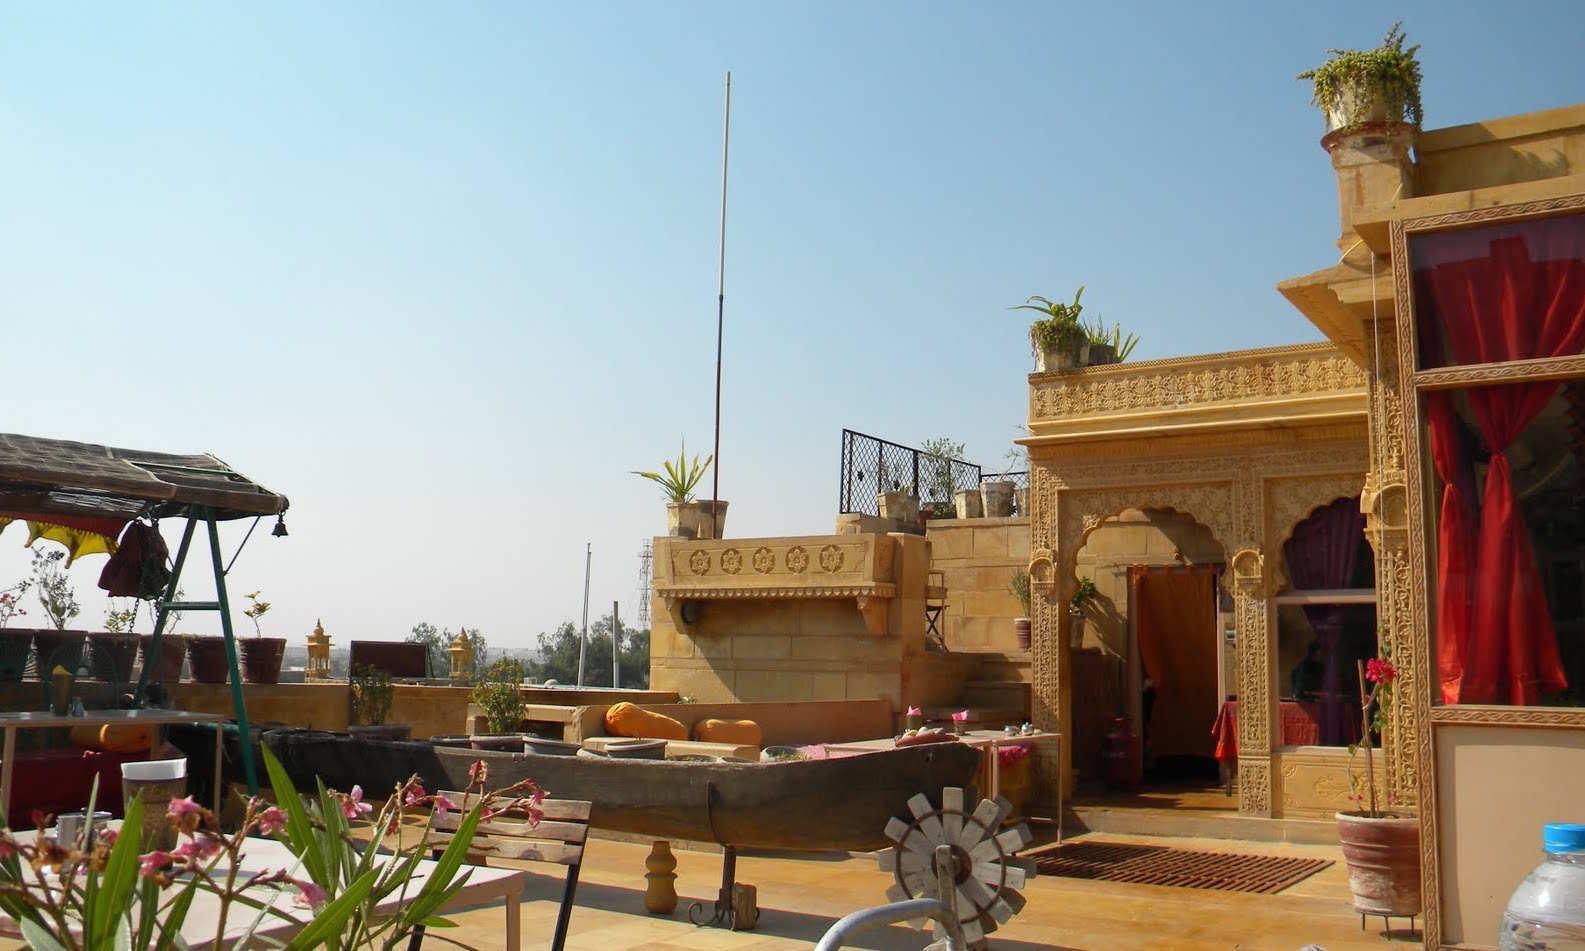 Shahi Palace Restaurant